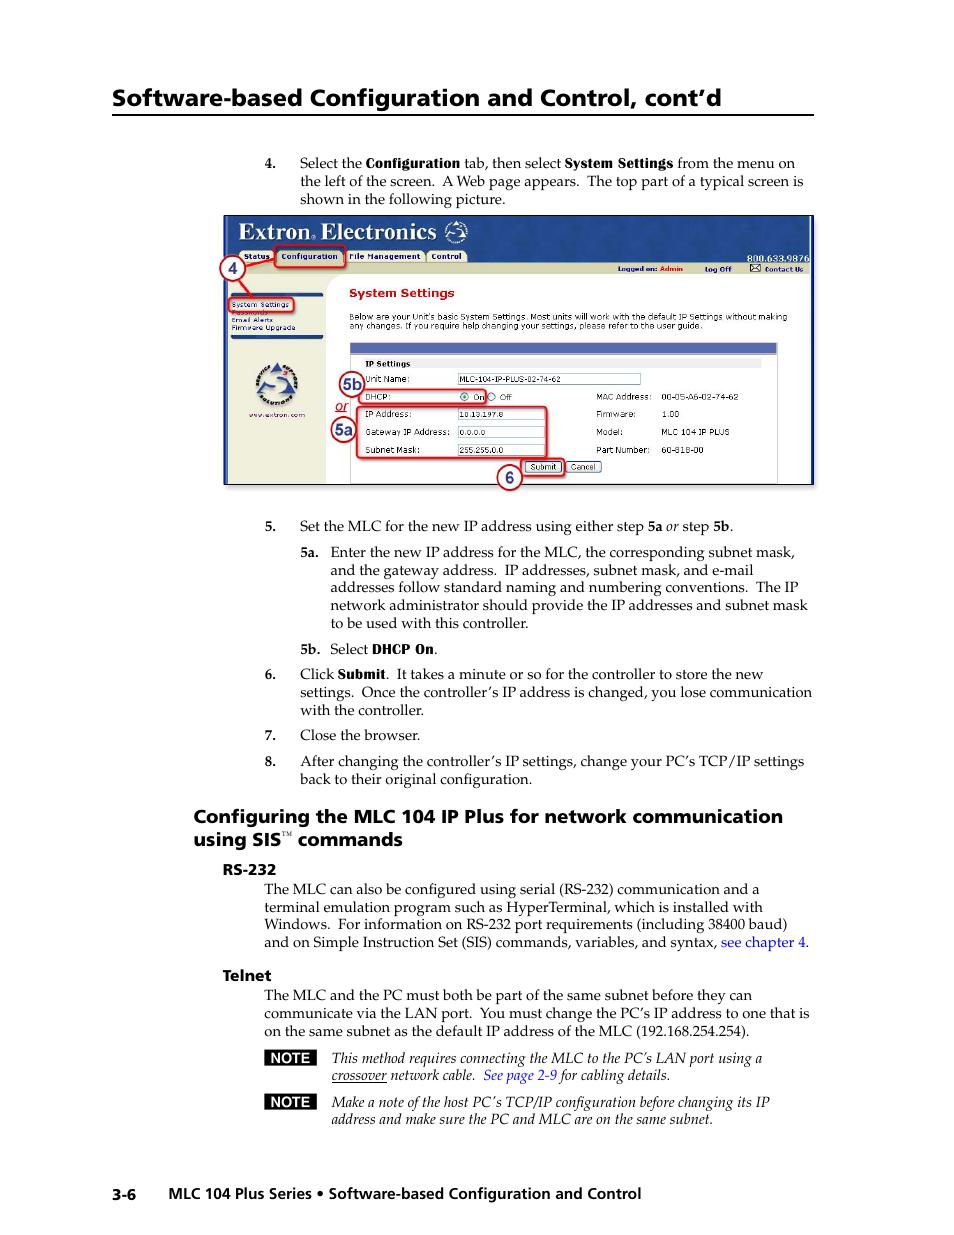 Rs-232, Telnet, Commands -6 | Extron Electronics MLC 104